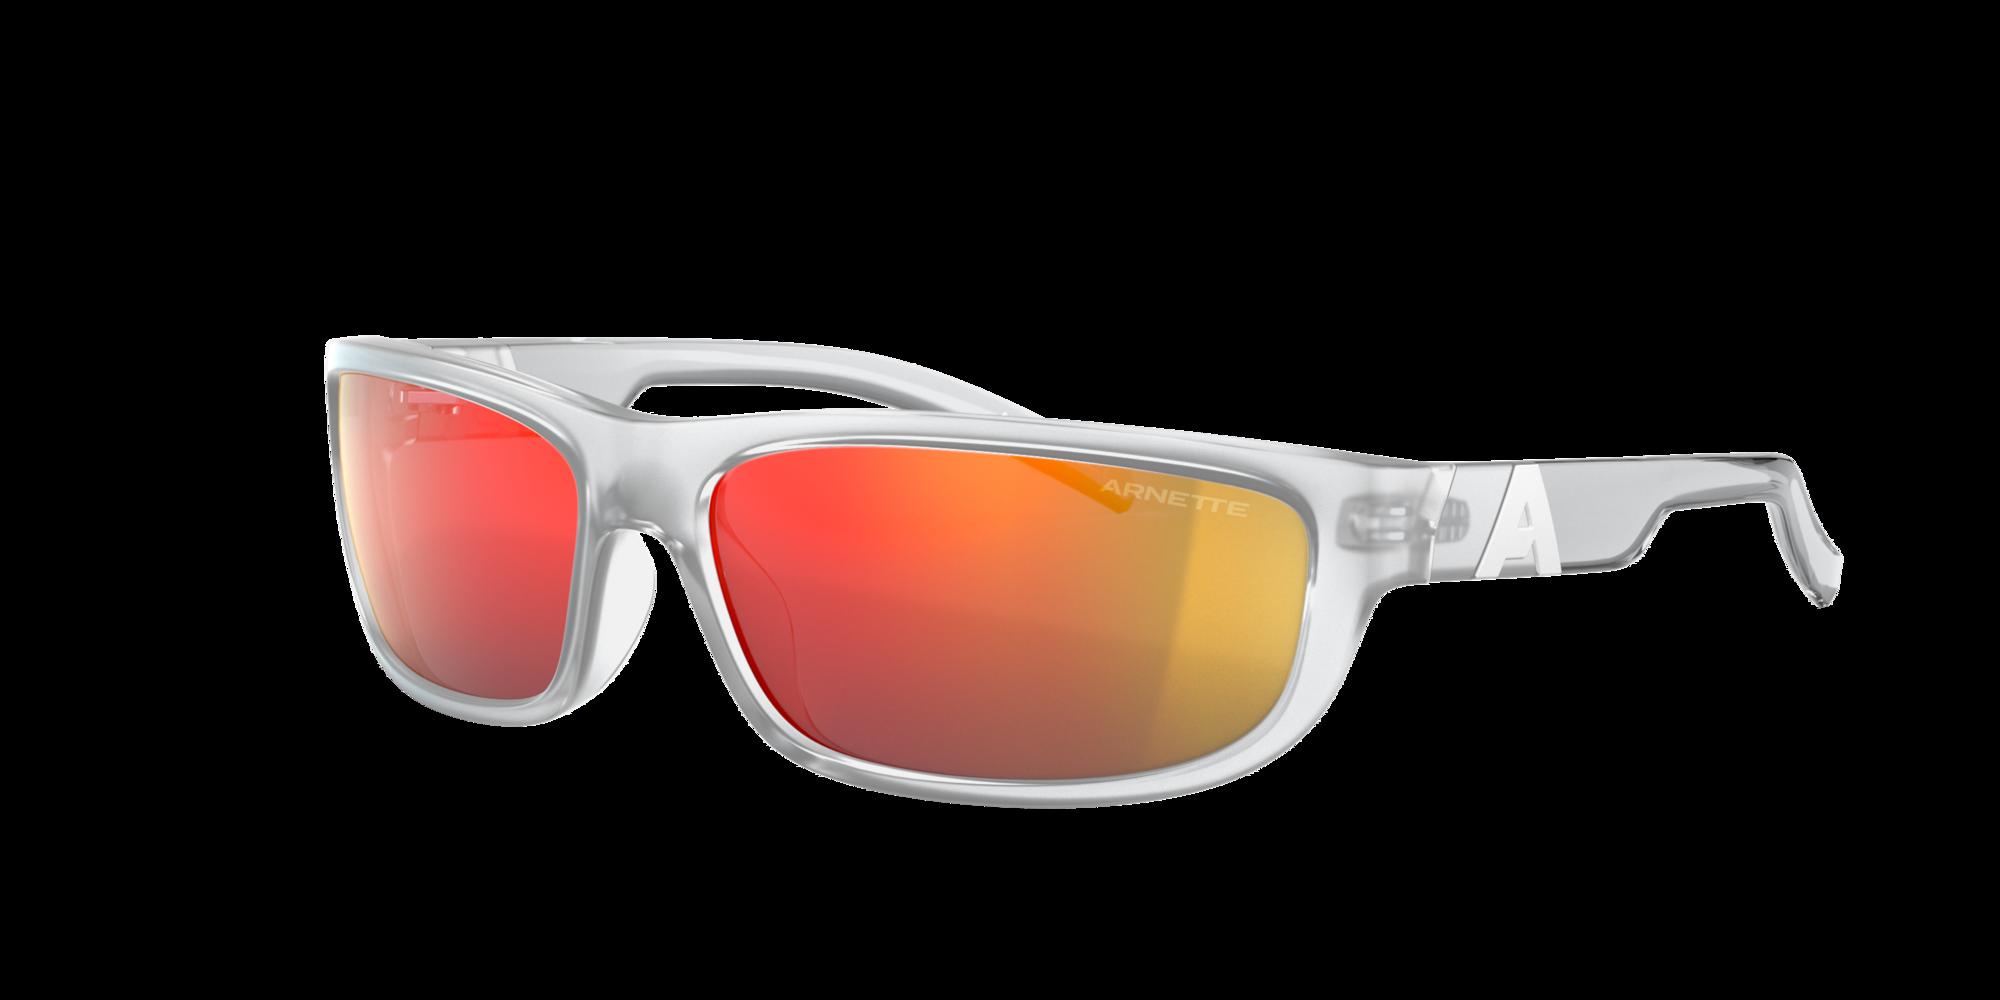 Arnette Unisex  AN4275 NEURALIZER -  Frame color: Klar, Lens color: Orange verspiegelt, Size 63-15/125